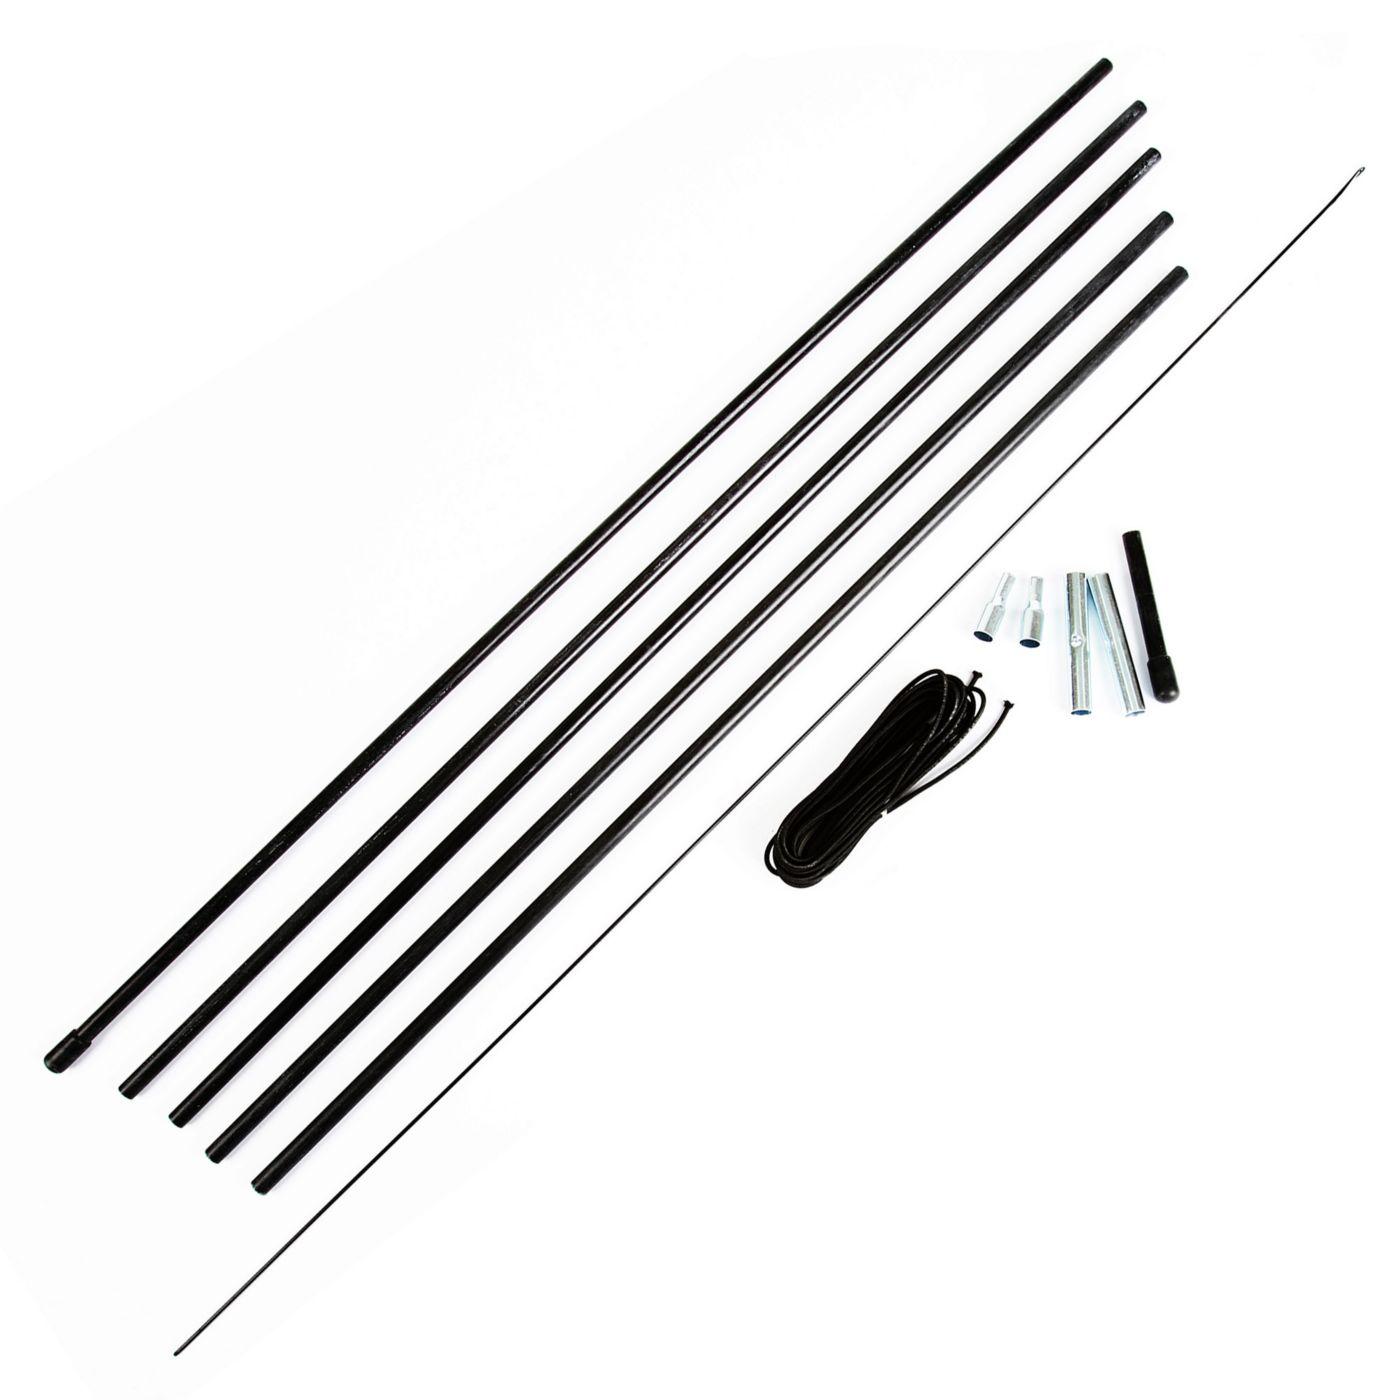 Repair Kit - Tent Fiberglass Pole 8.5mm Diameter 5-Pole Sections 2  sc 1 st  Coleman & Sites-USA-Site